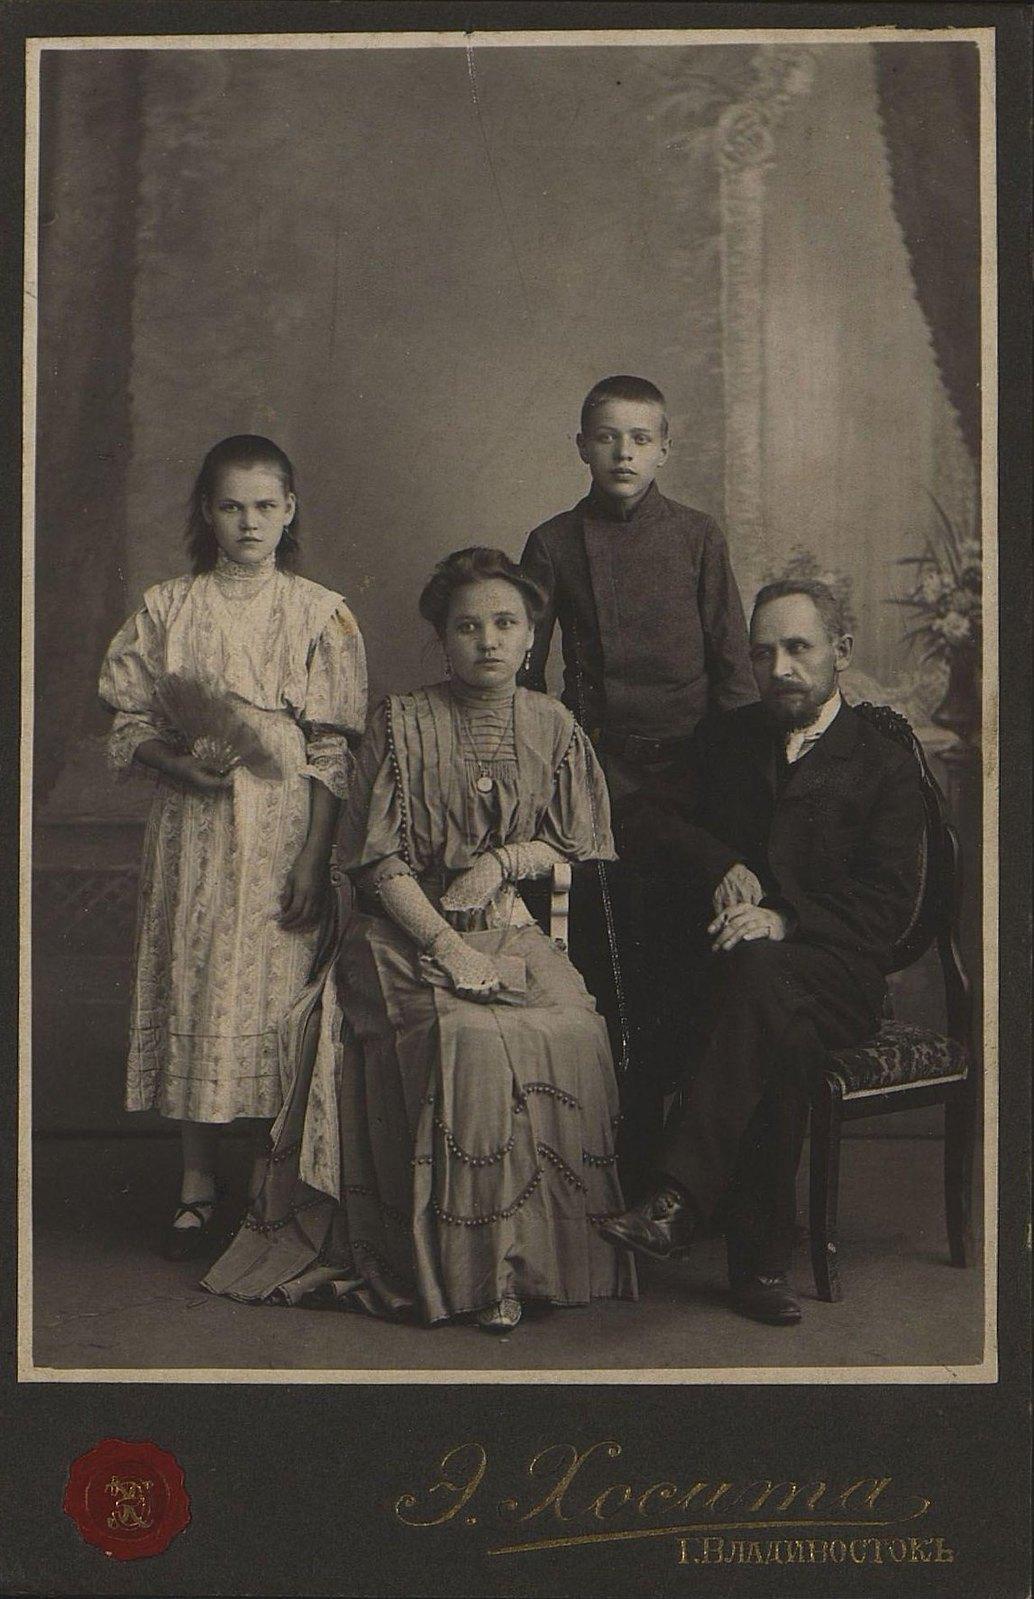 Клюев Михаил Степанович, делопроизводитель кабинета присяжного поверенного в городе Владивостоке Дукельского Н.П., с членами своей семьи. 1910